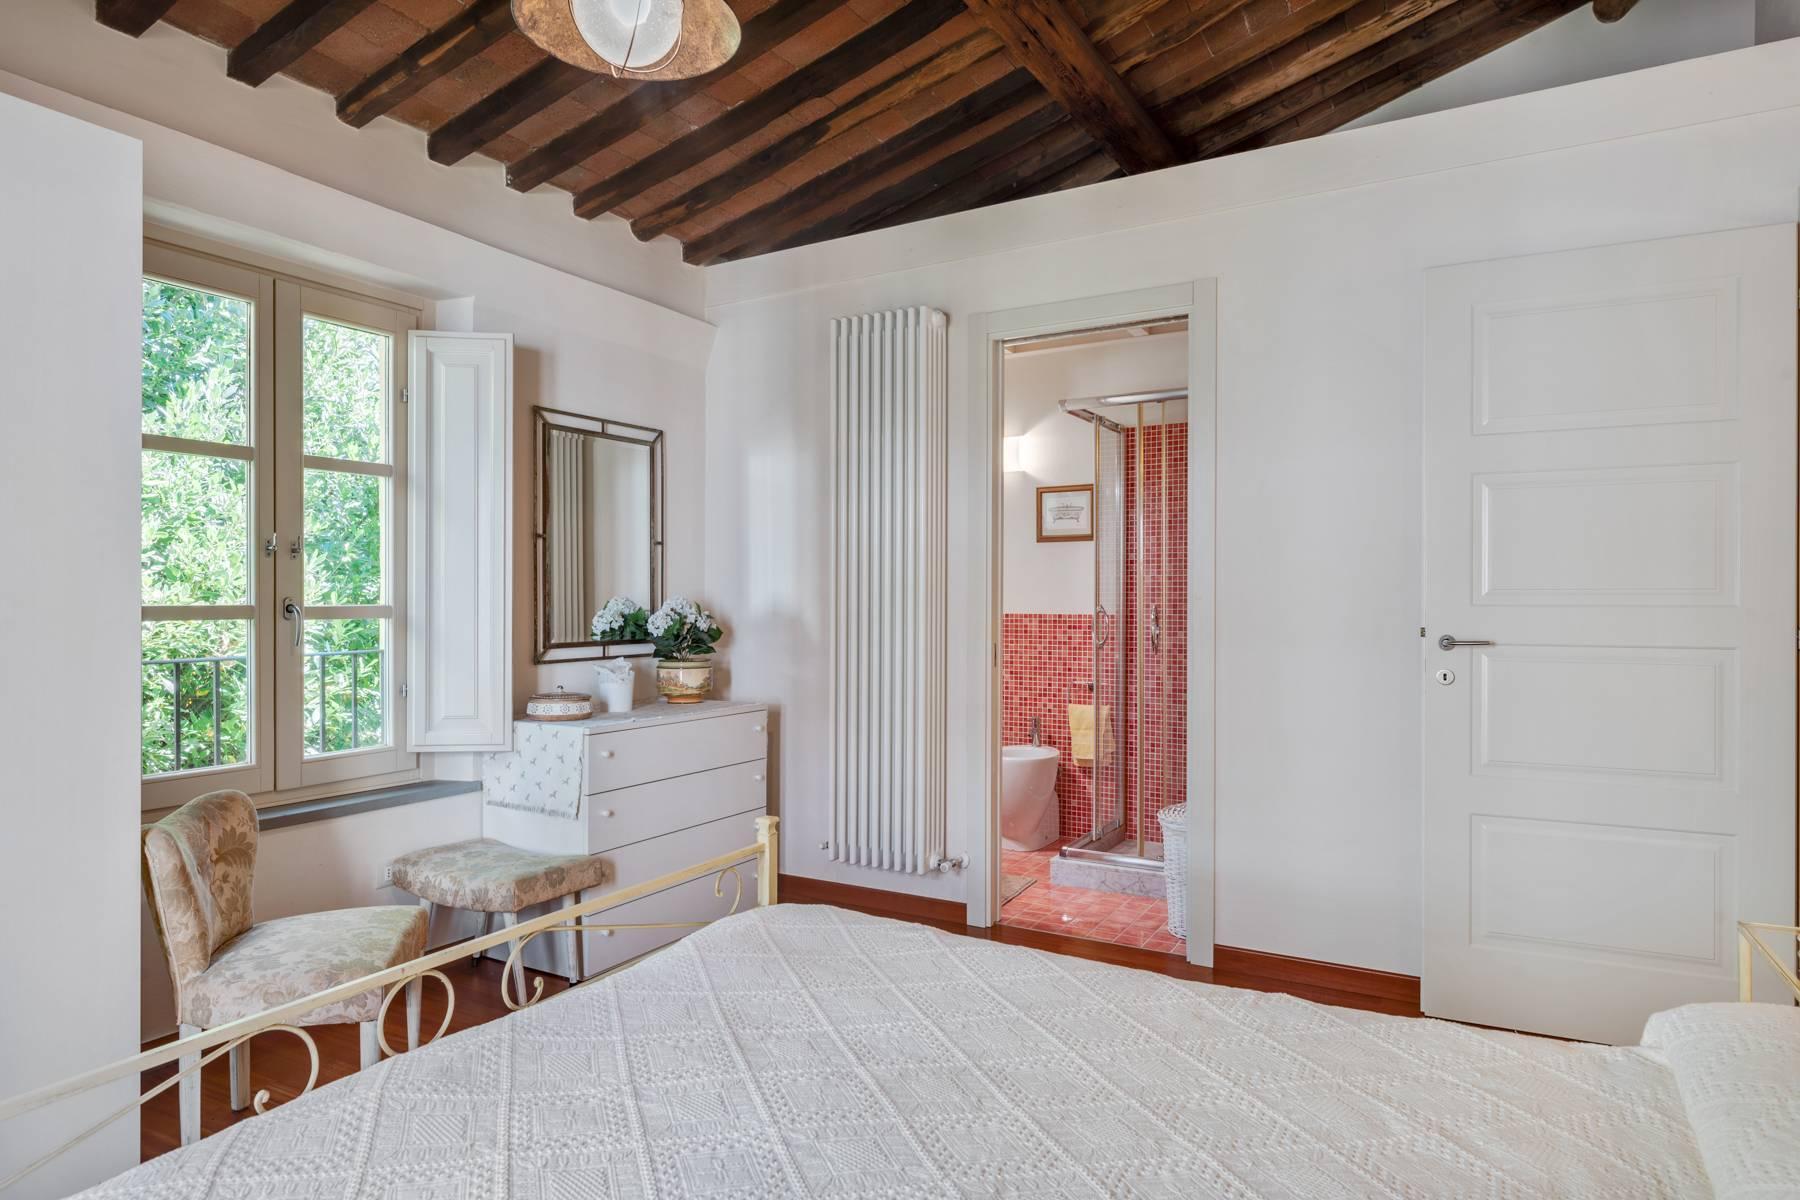 Grazioso appartamento indipendente nel cuore di Lucca - 8